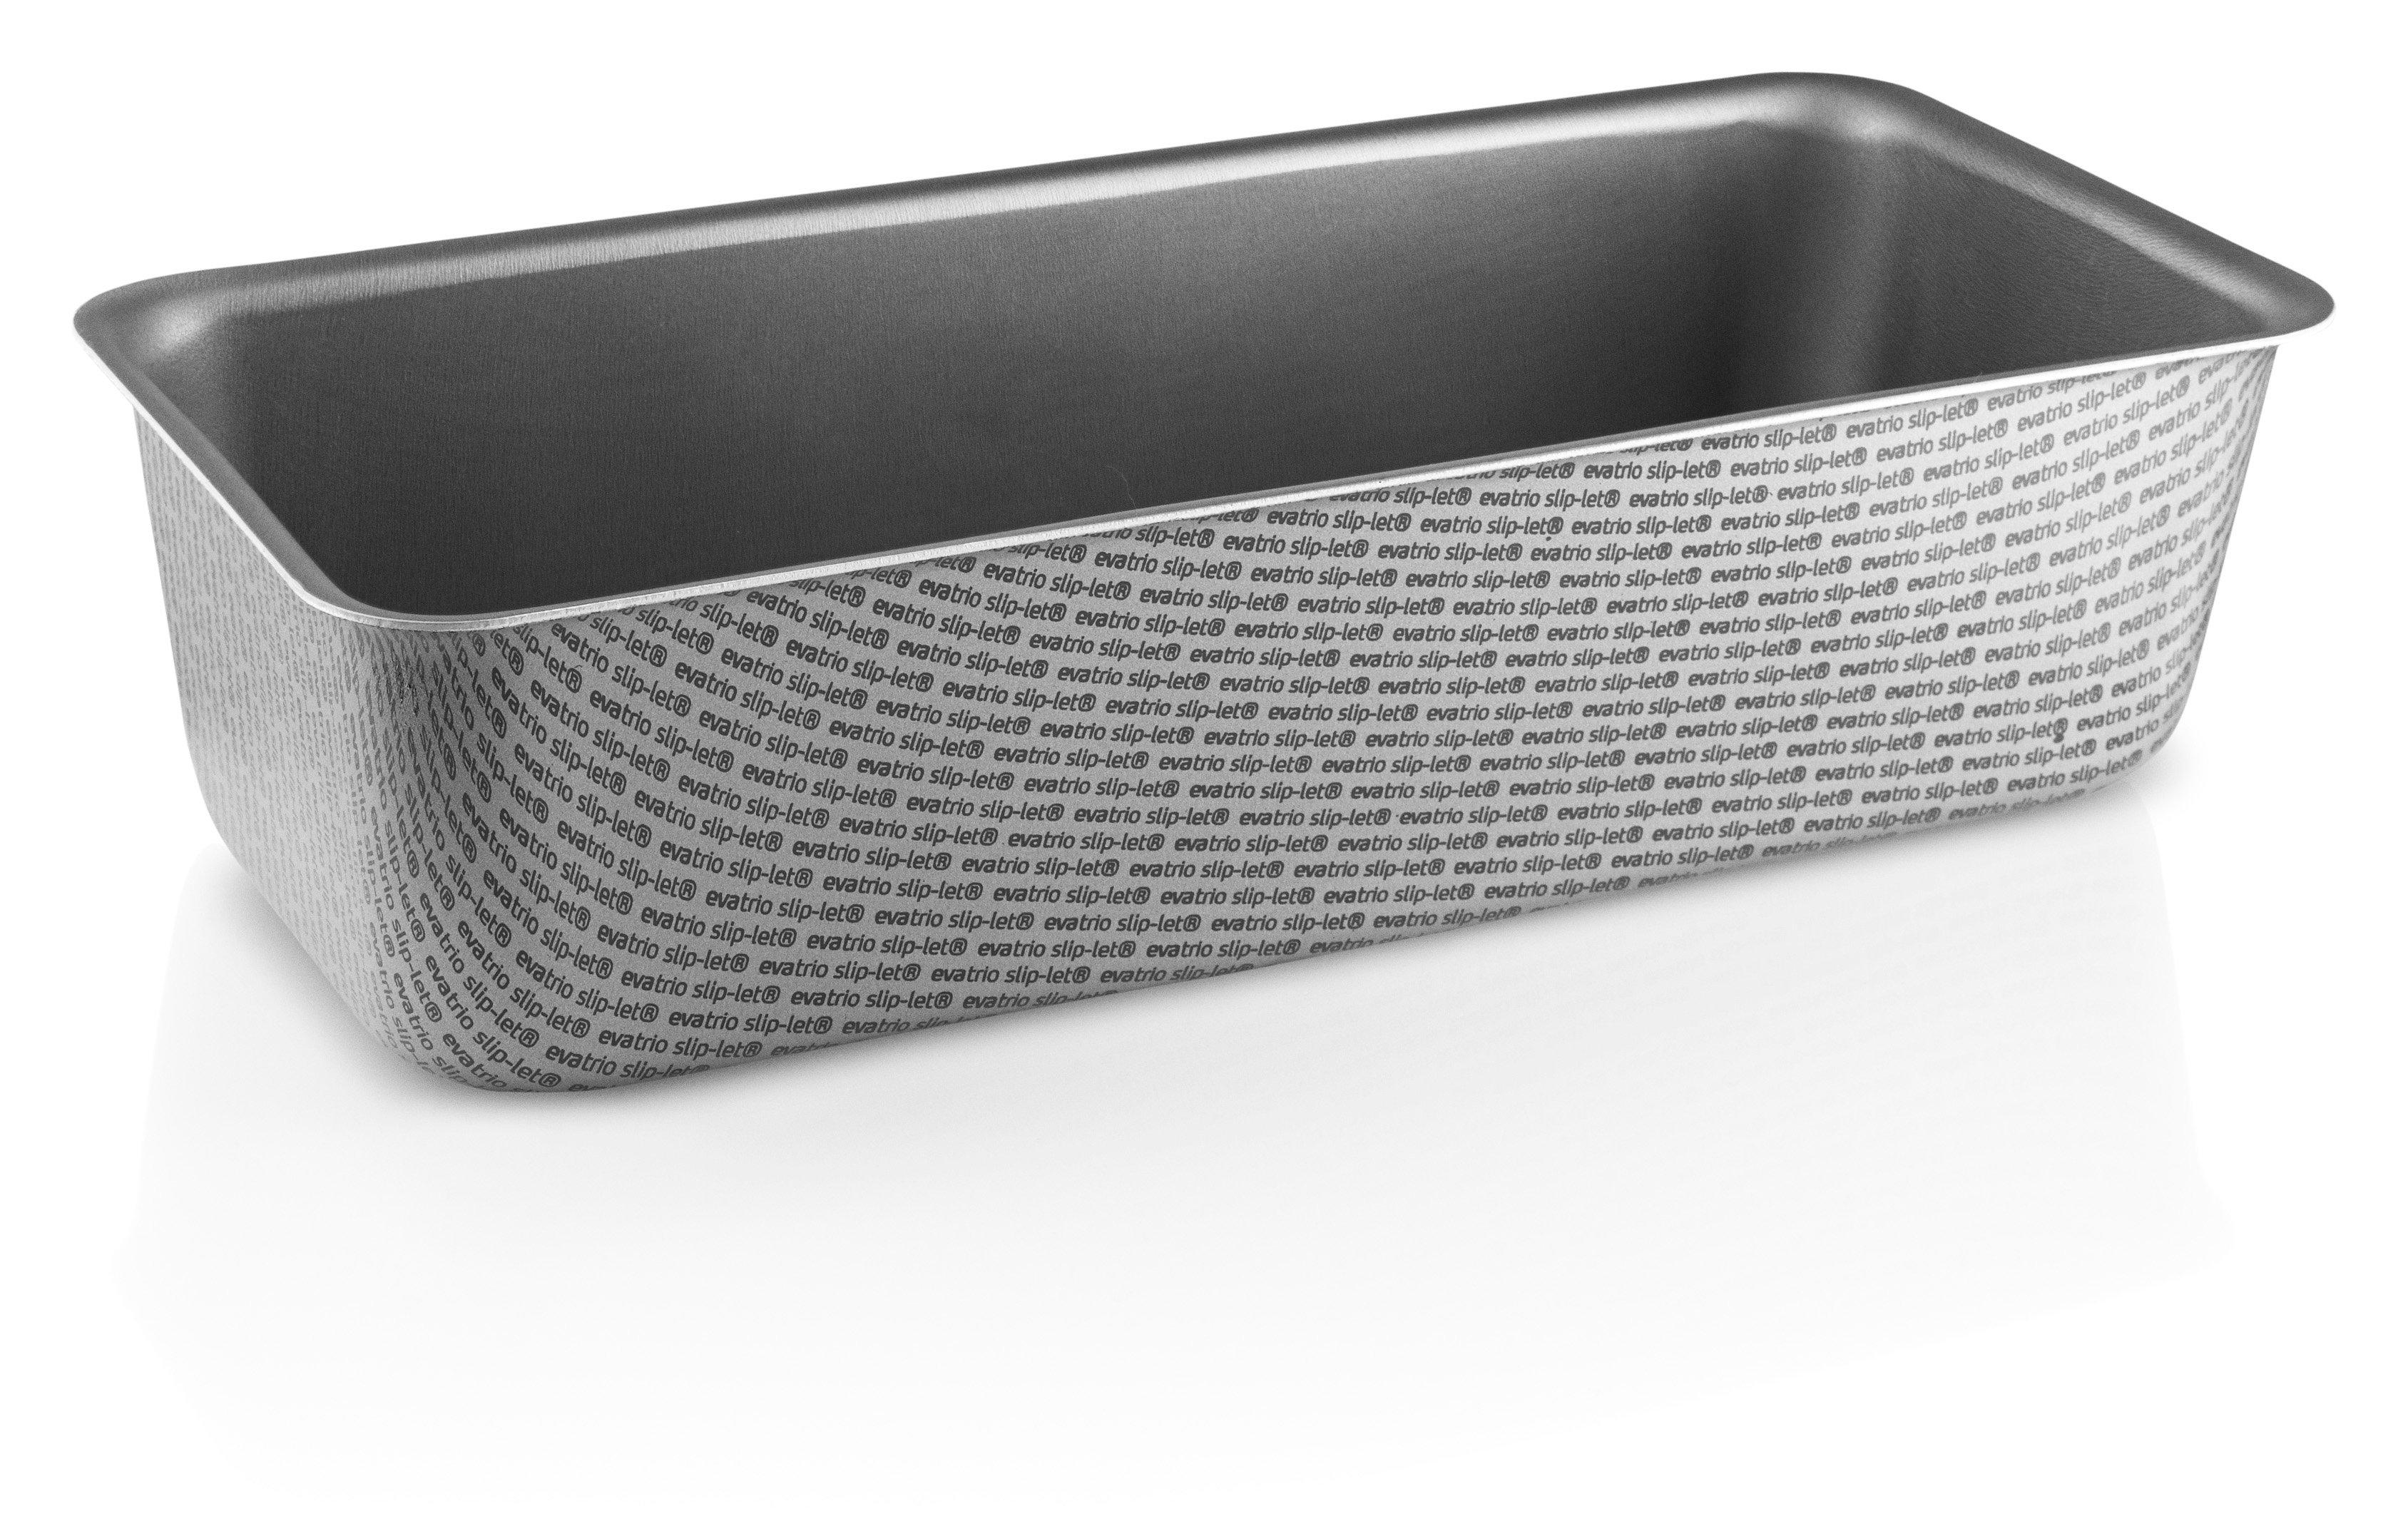 Eva Trio - Bread/Cake Form - Large (202026)